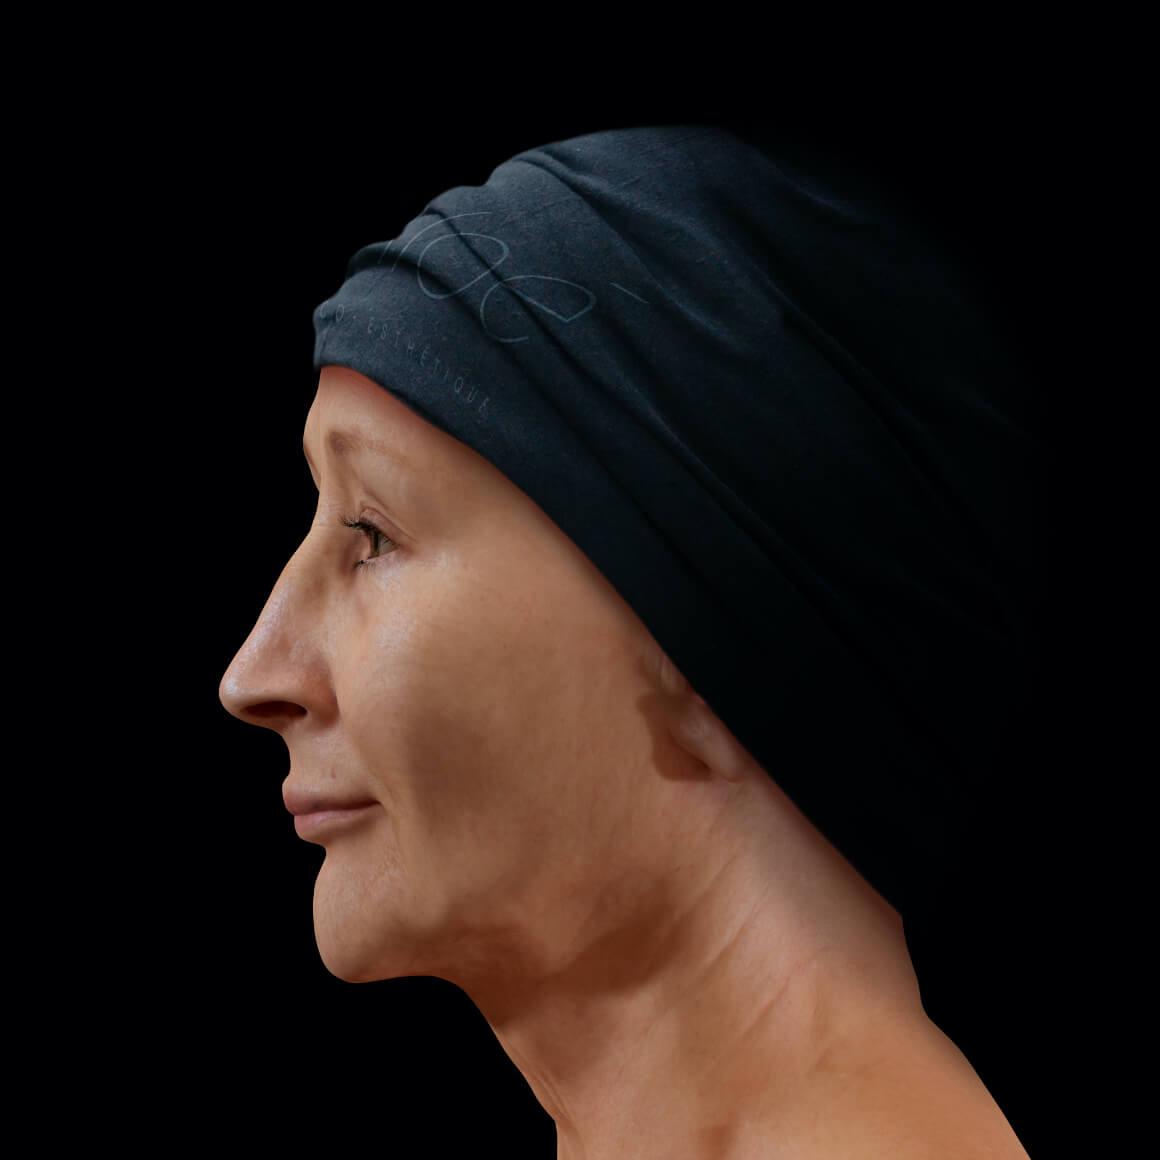 Female patient at Clinique Chloé side view after IPL photorejuvenation treatments for melasma